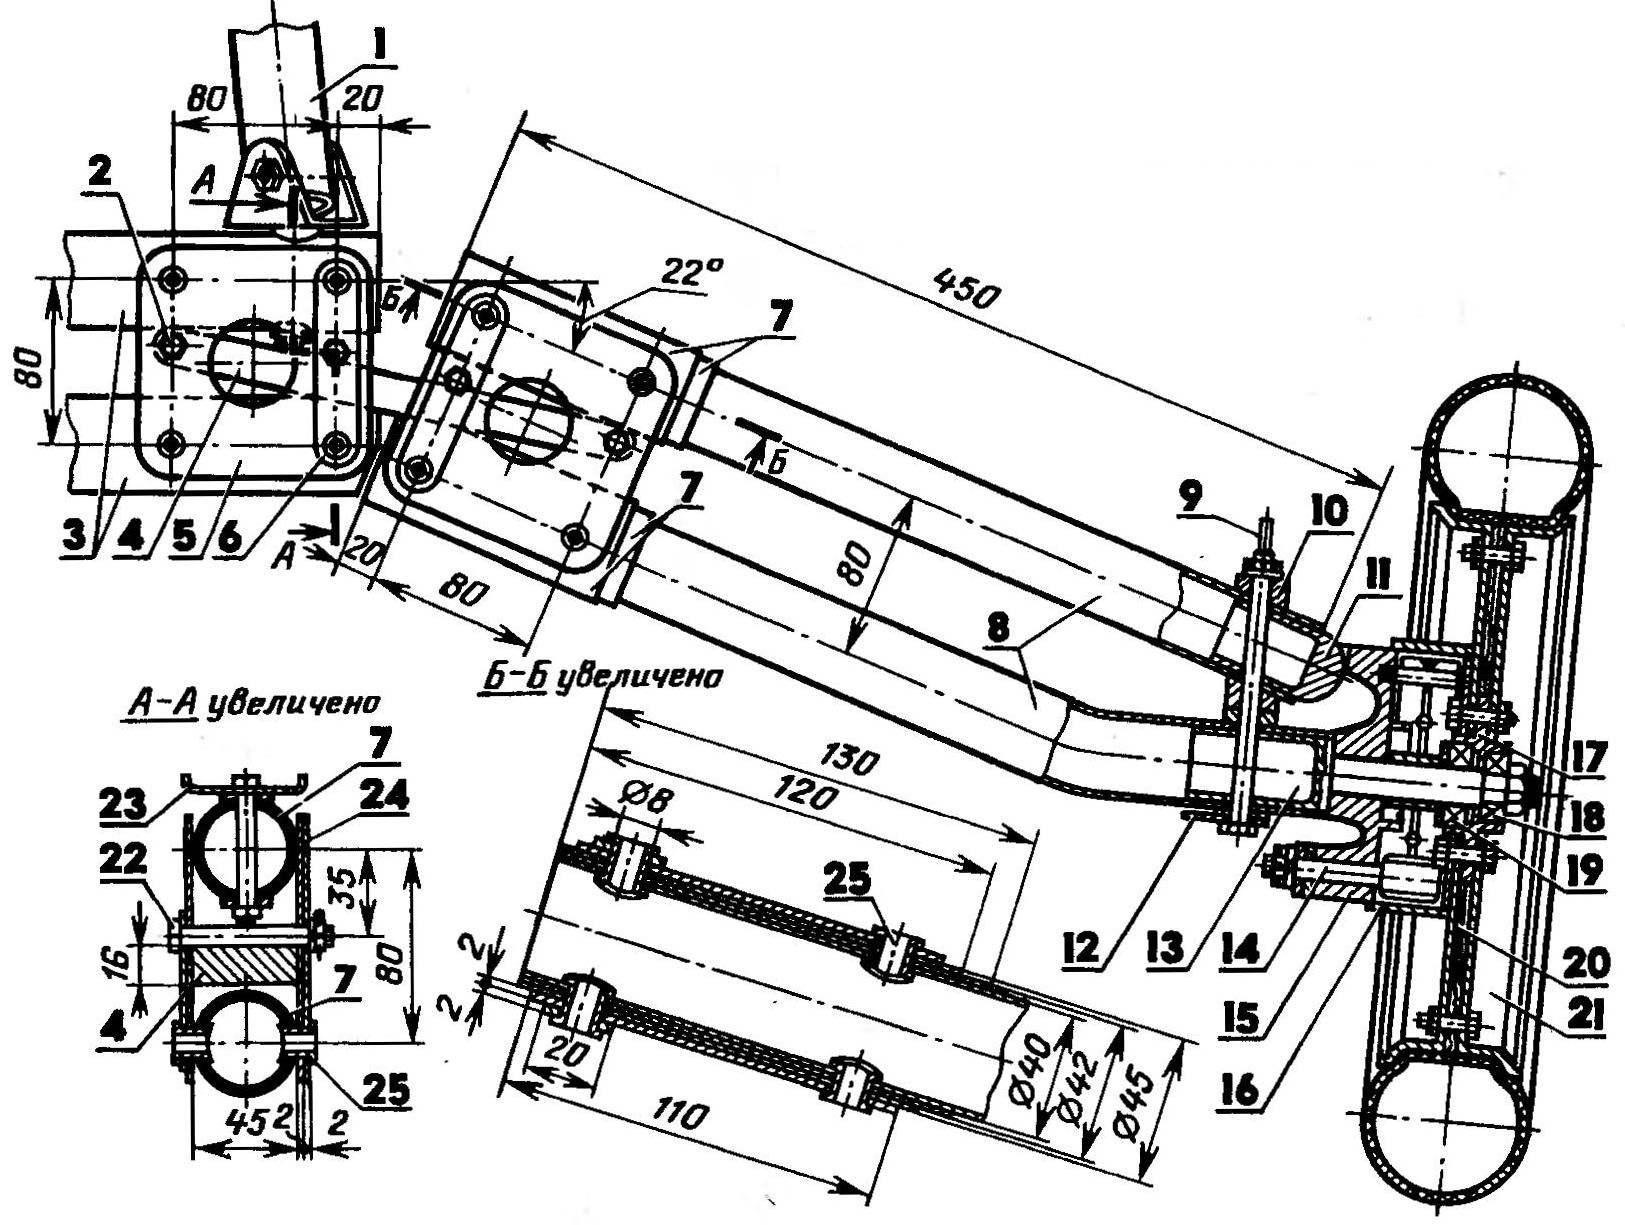 Подвеска заднего колеса (вид сзади; раскос не показан)